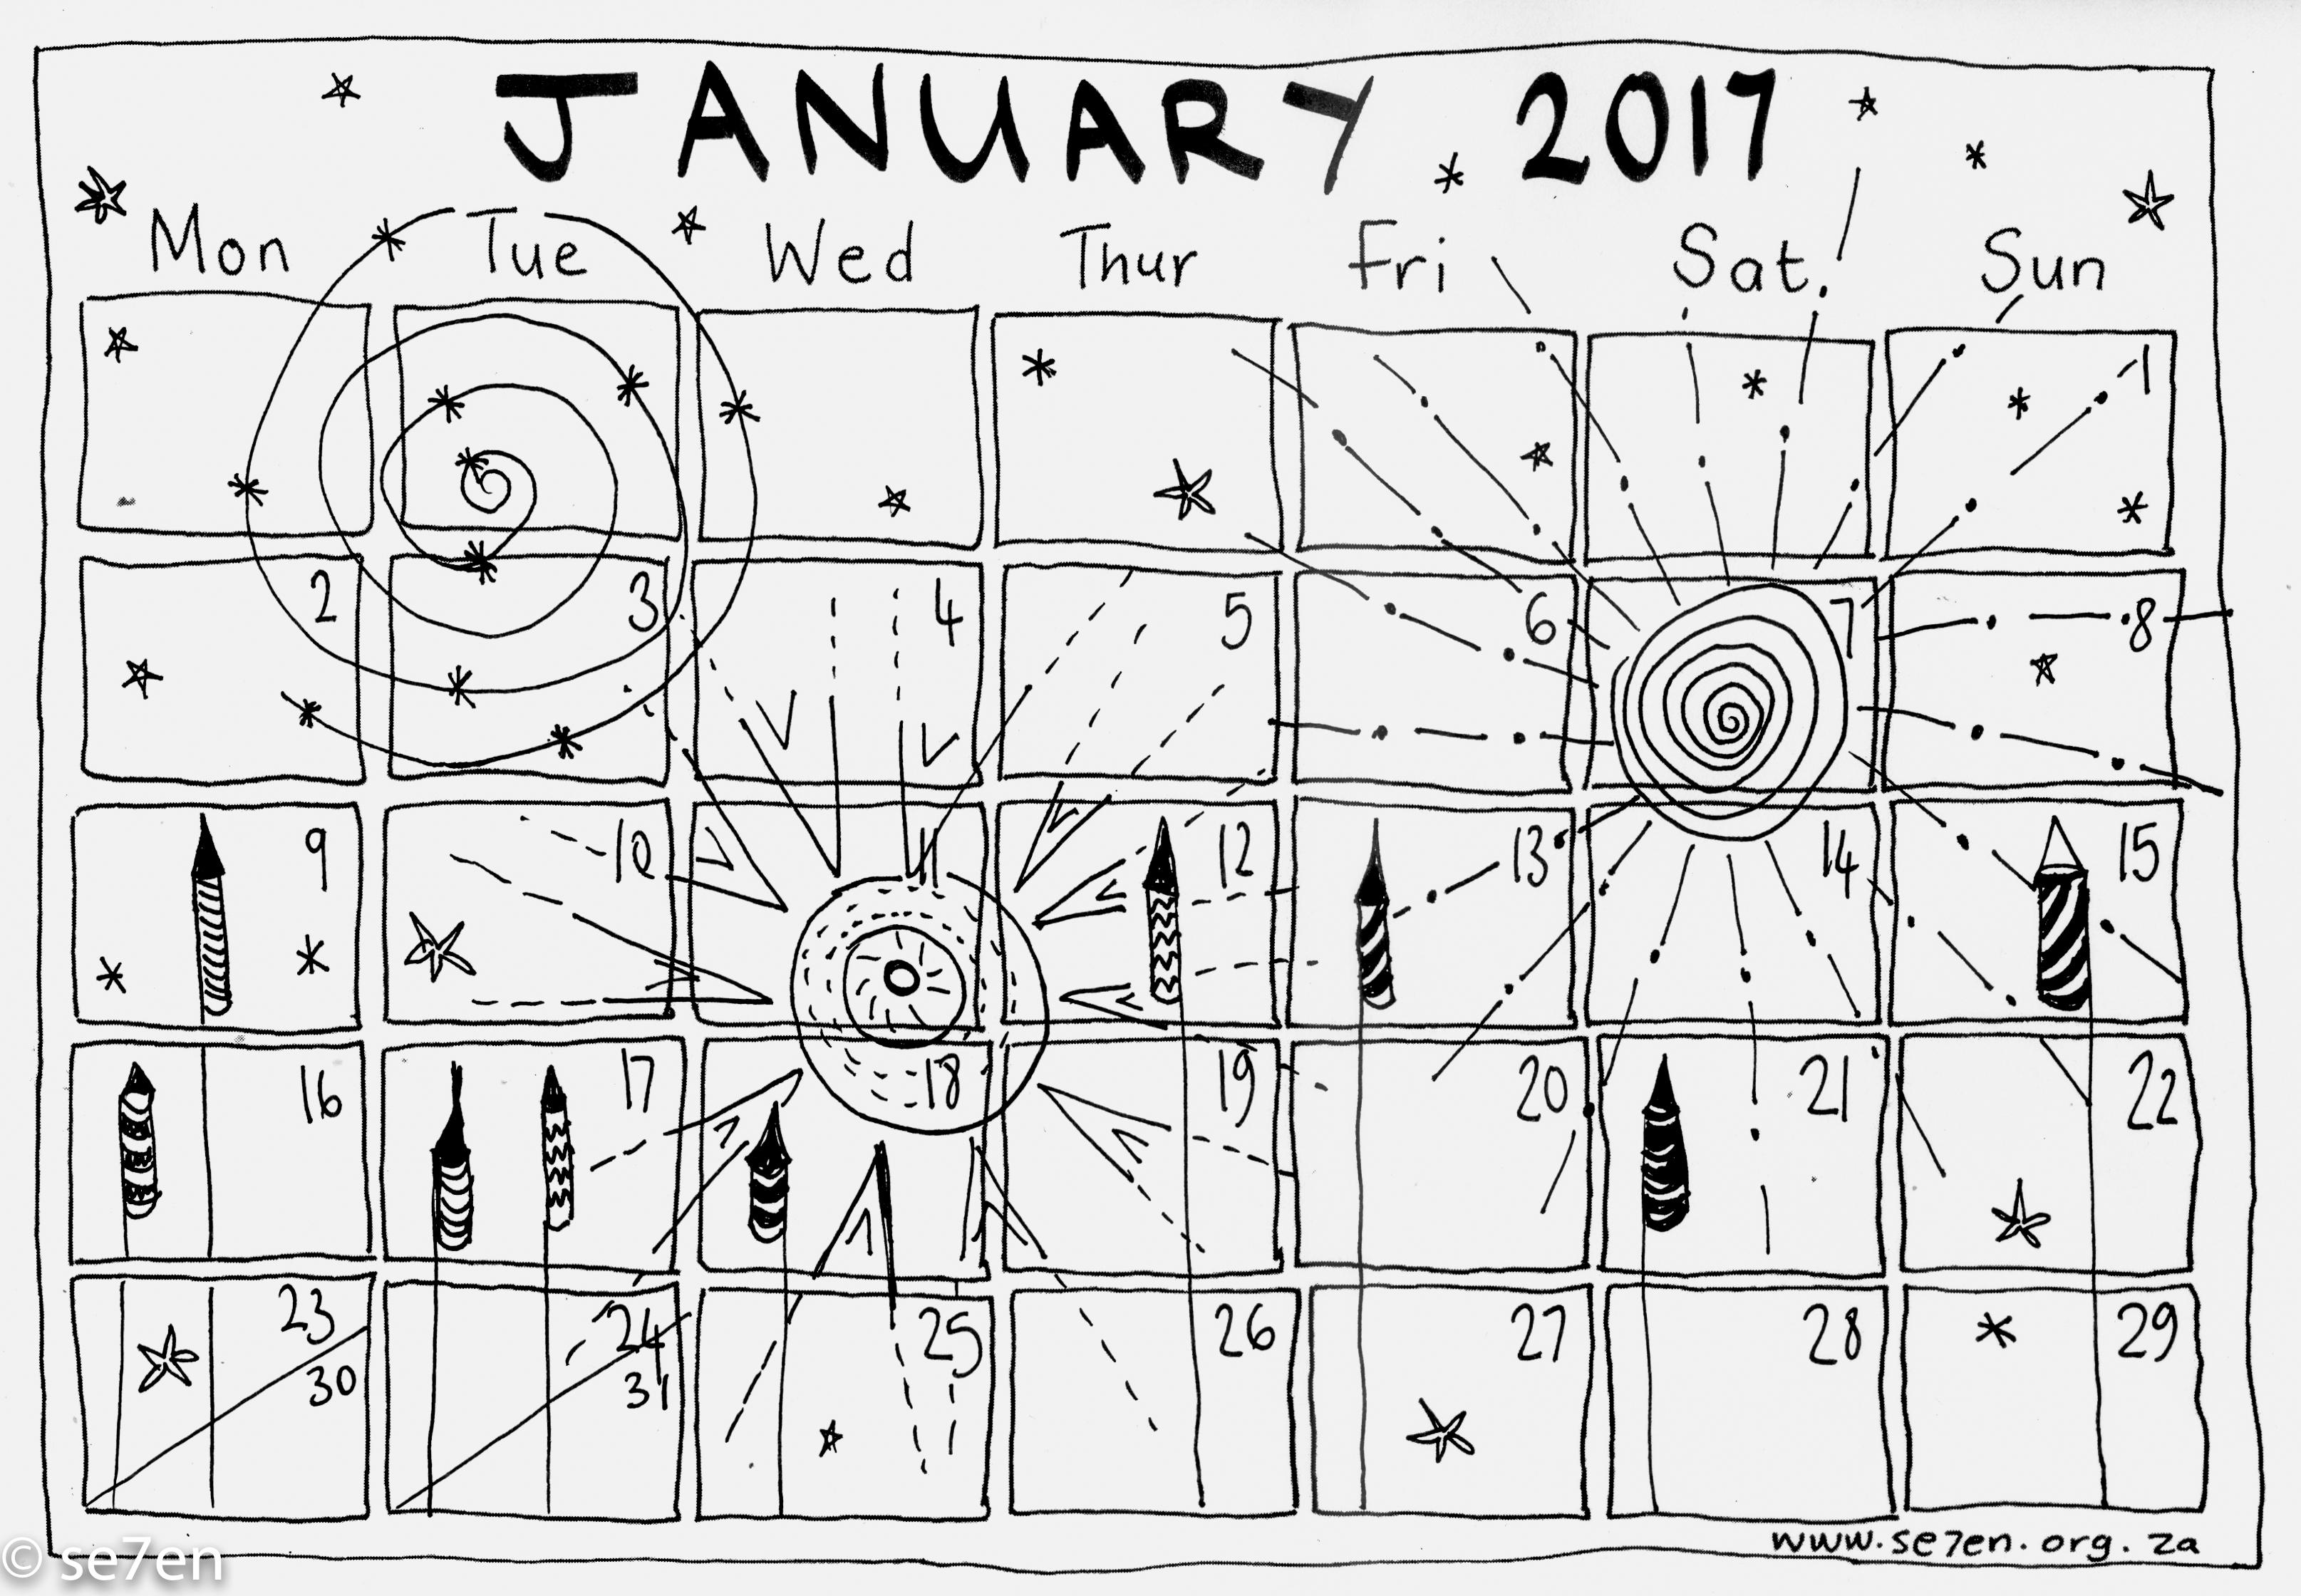 se7en-02-Jan-17-January 2017001-2-1